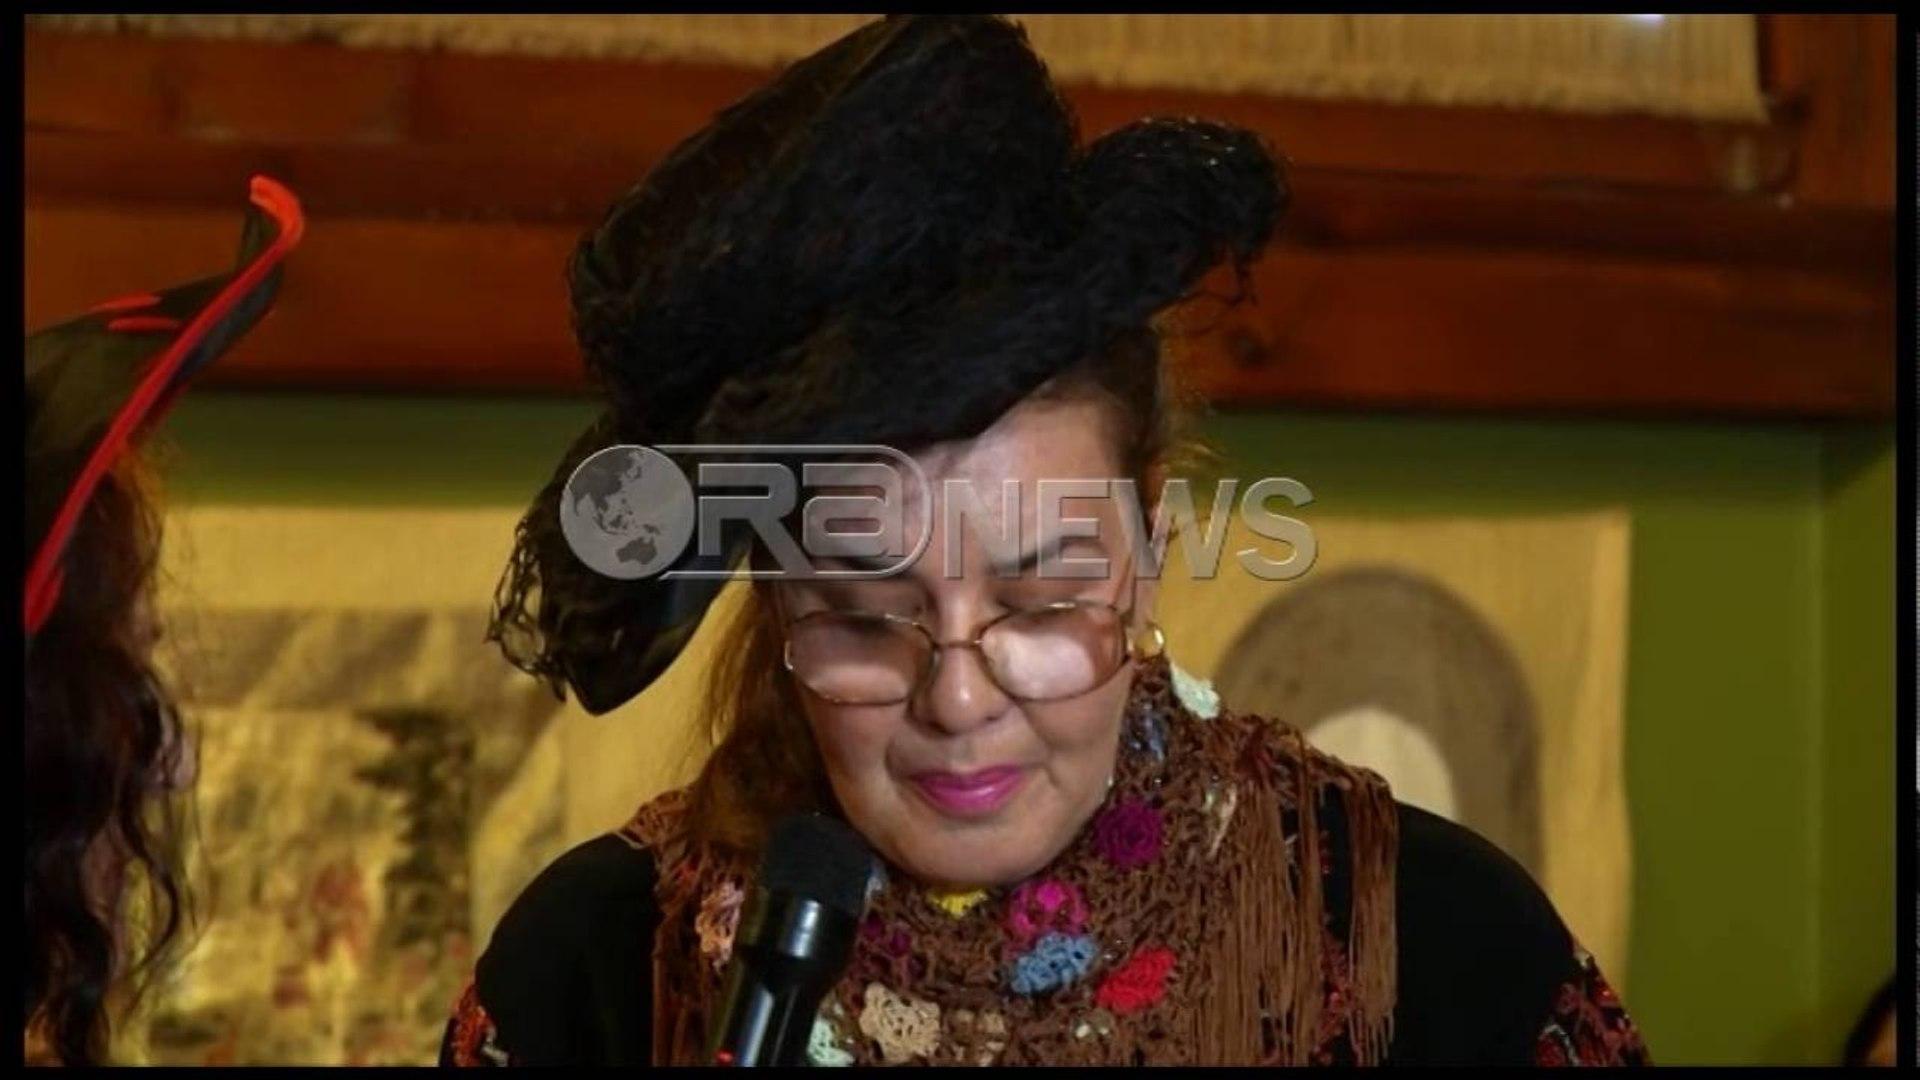 Ora News – Rikthimi në skenë i aktores Matilda Makoçi: Vendim i vështirë